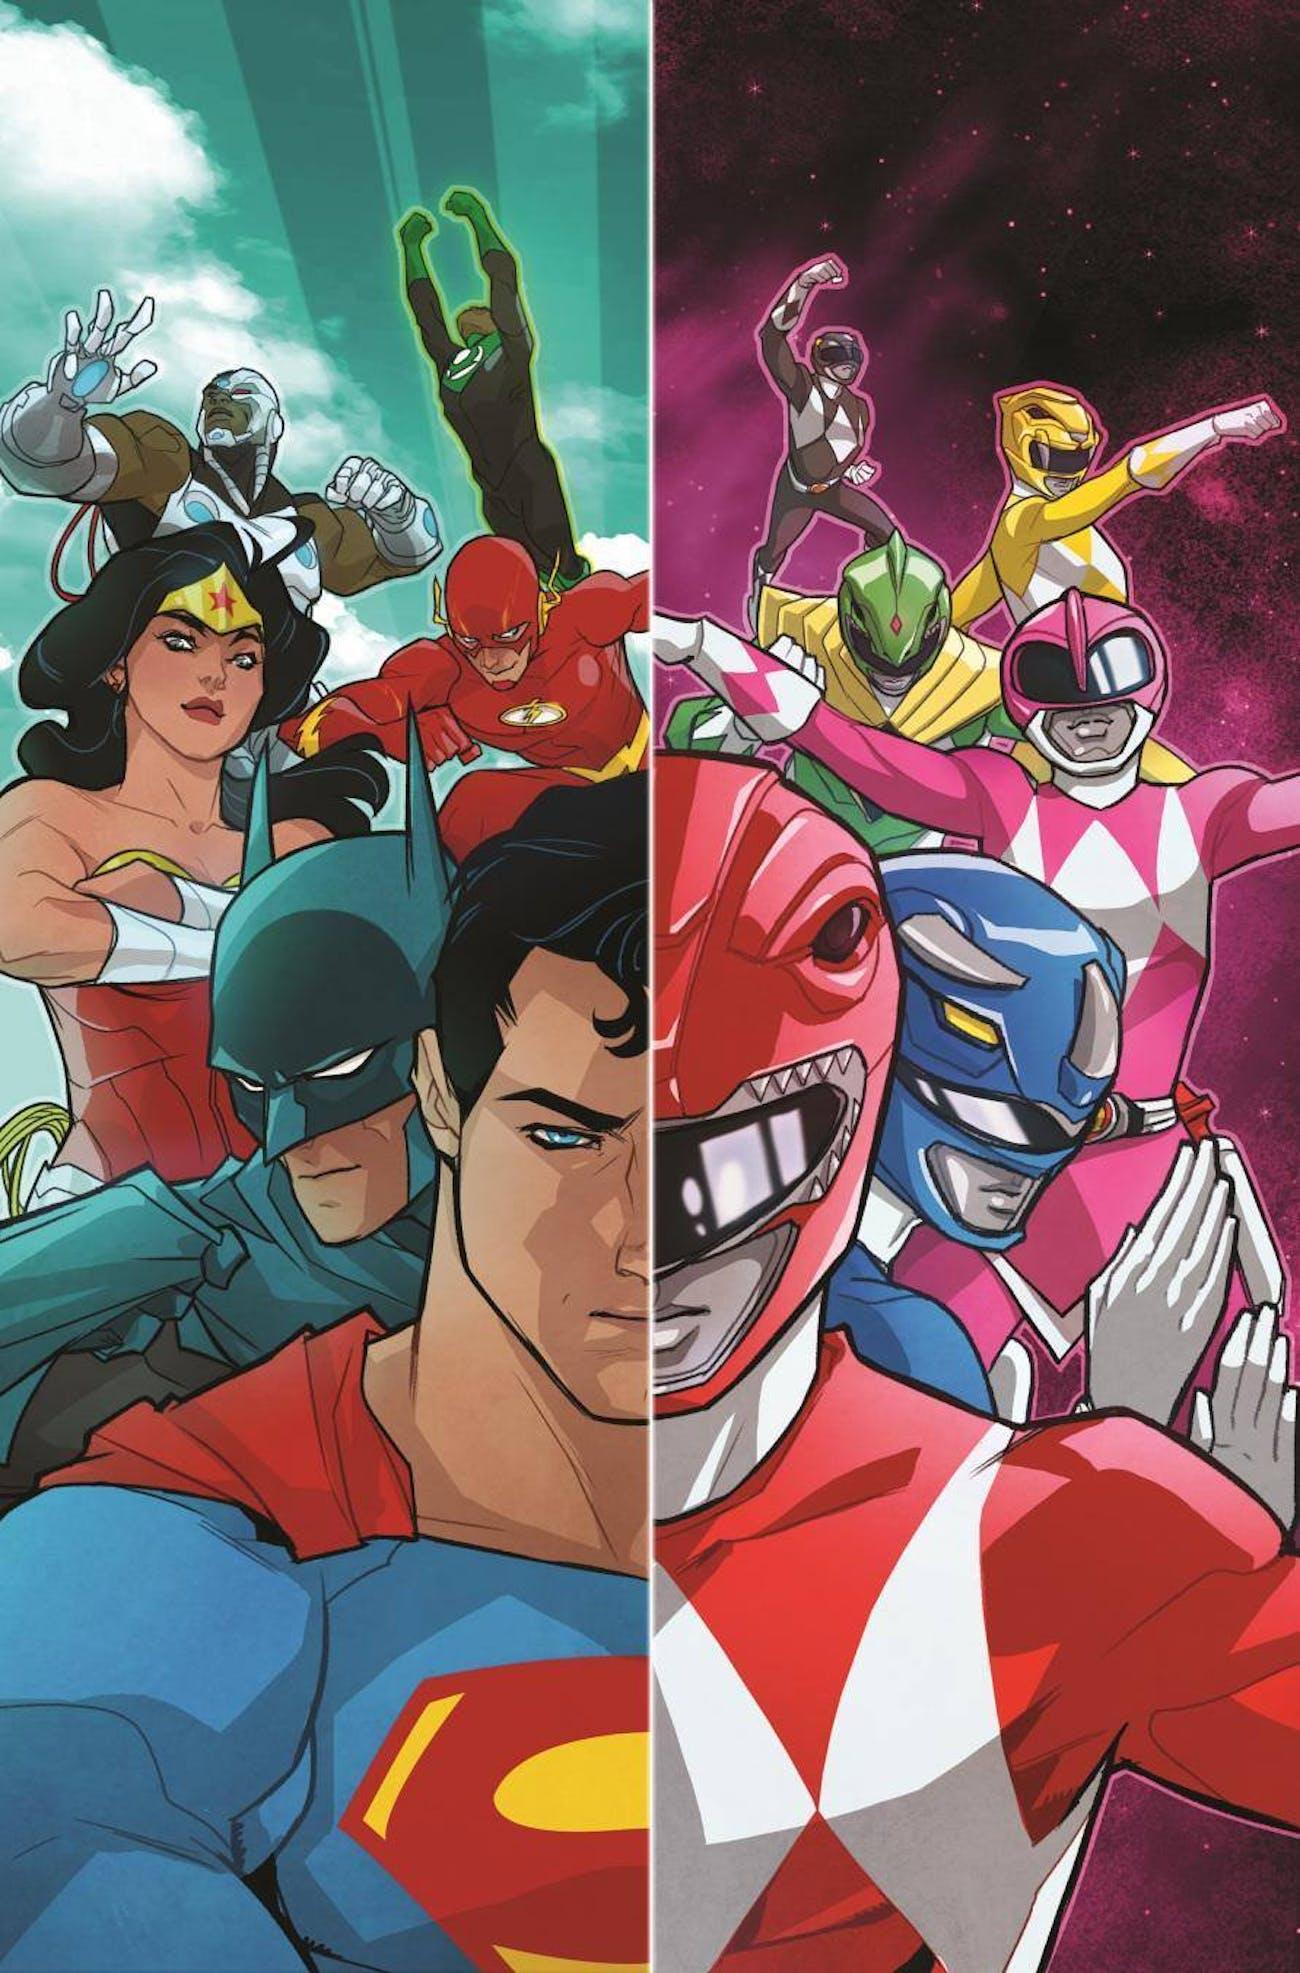 Justice League Power Rangers